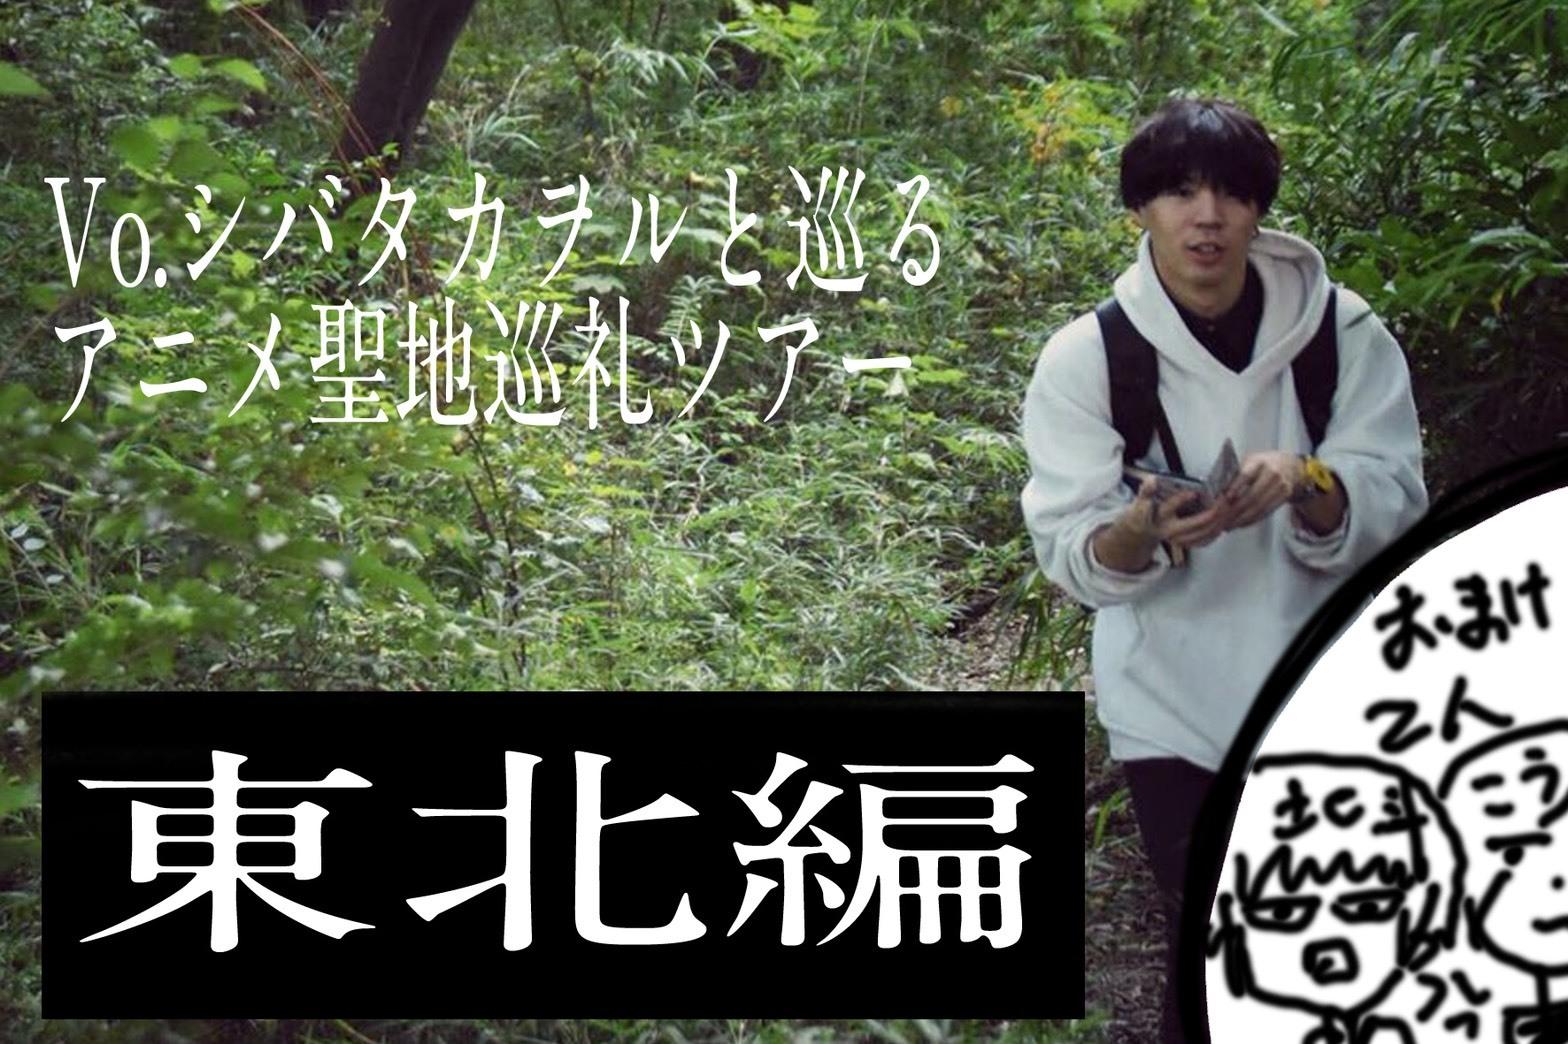 <サヨナラの最終回と行くアニメ聖地巡礼旅行(東北編)>